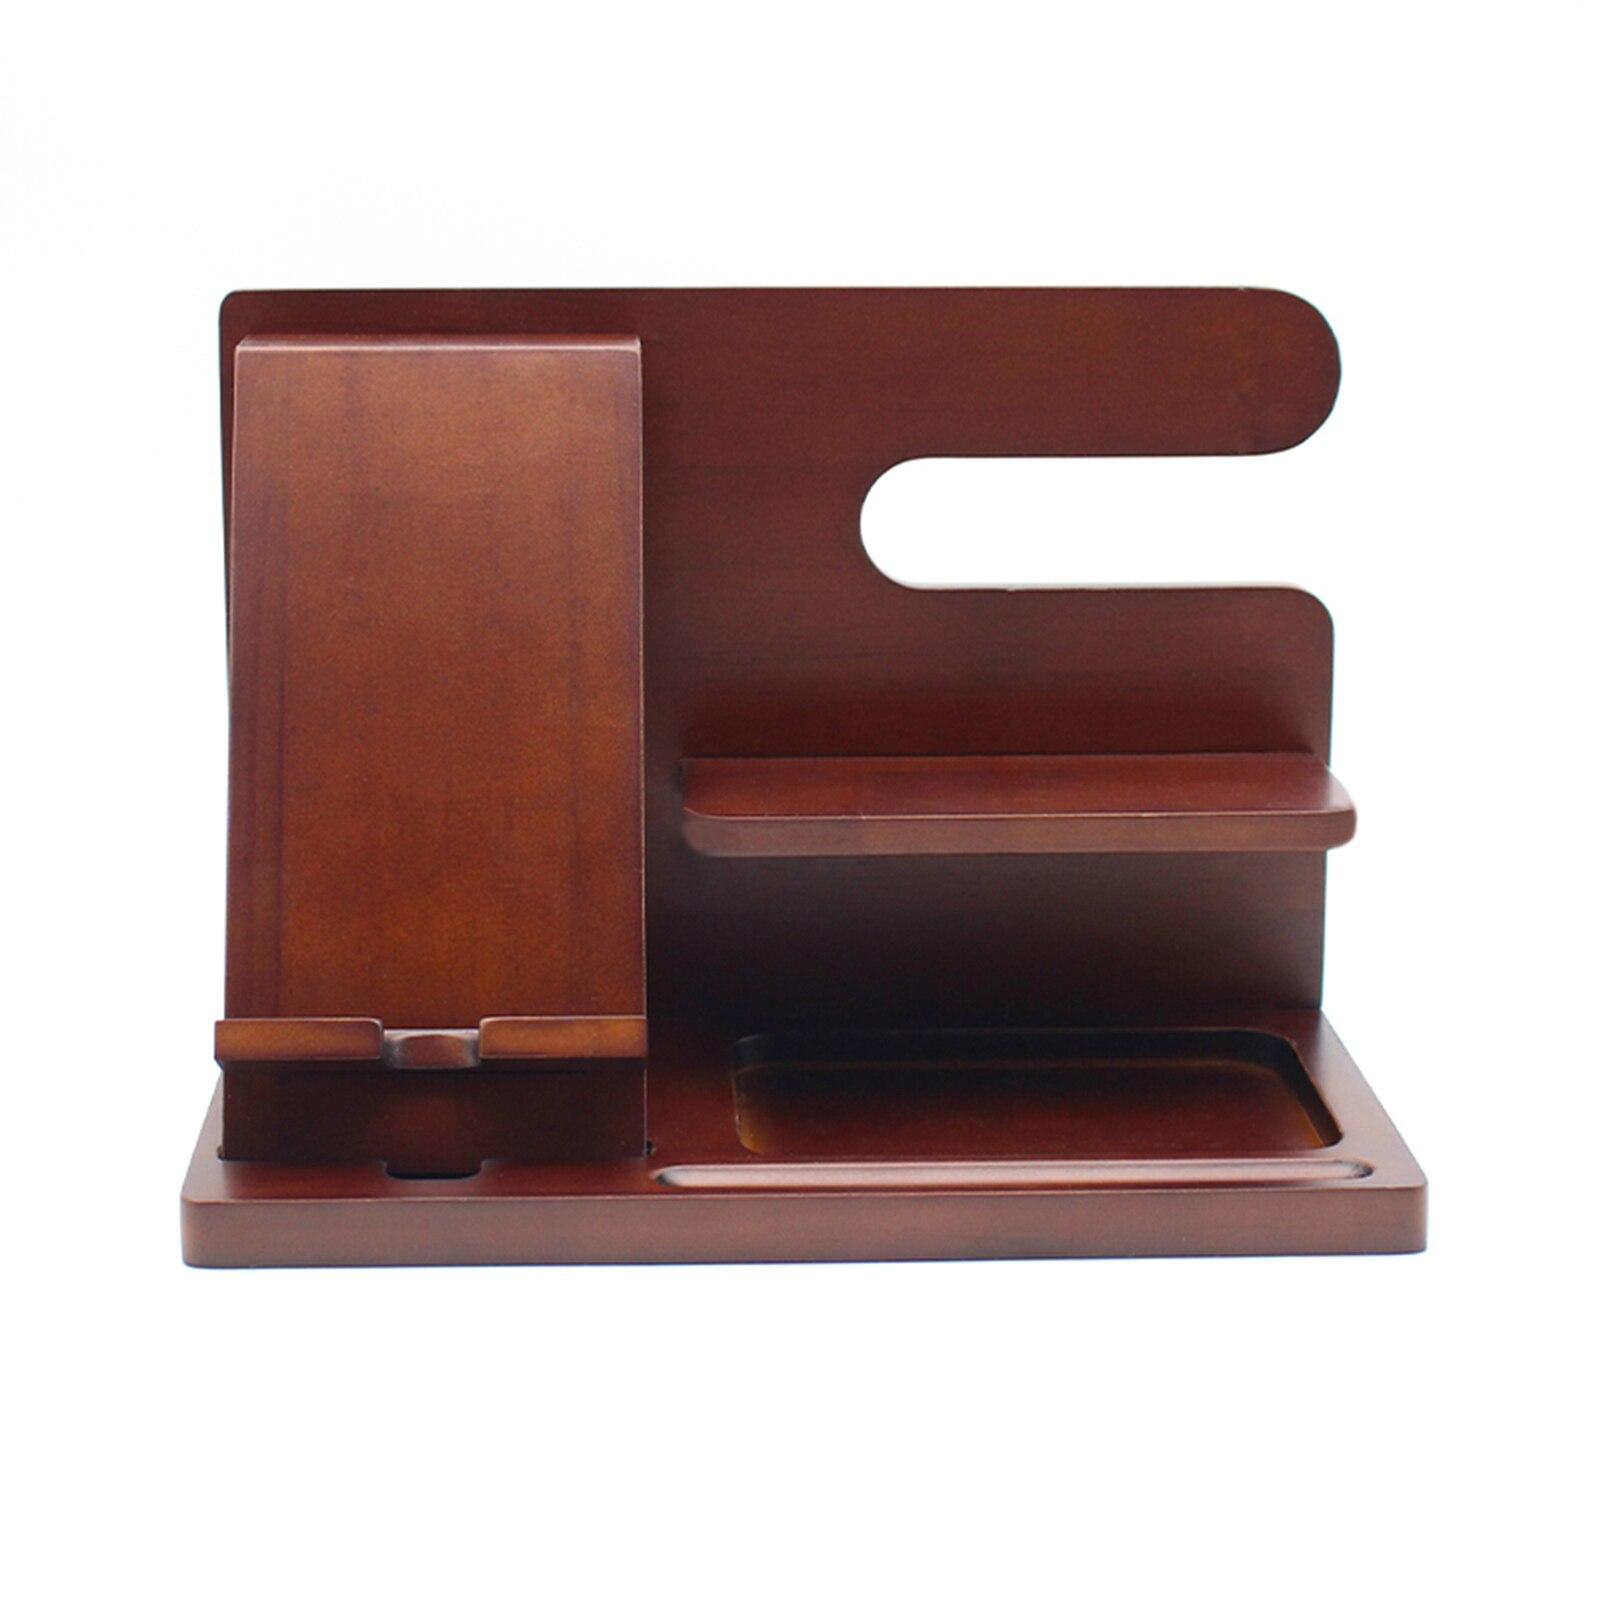 محطة إرساء الهاتف الخشبي مفتاح محفظة بحامل بطاقات حامل كلاسيكي للرجال محطة الإرساء والمنظمون محطة إرساء الهاتف الخشبي